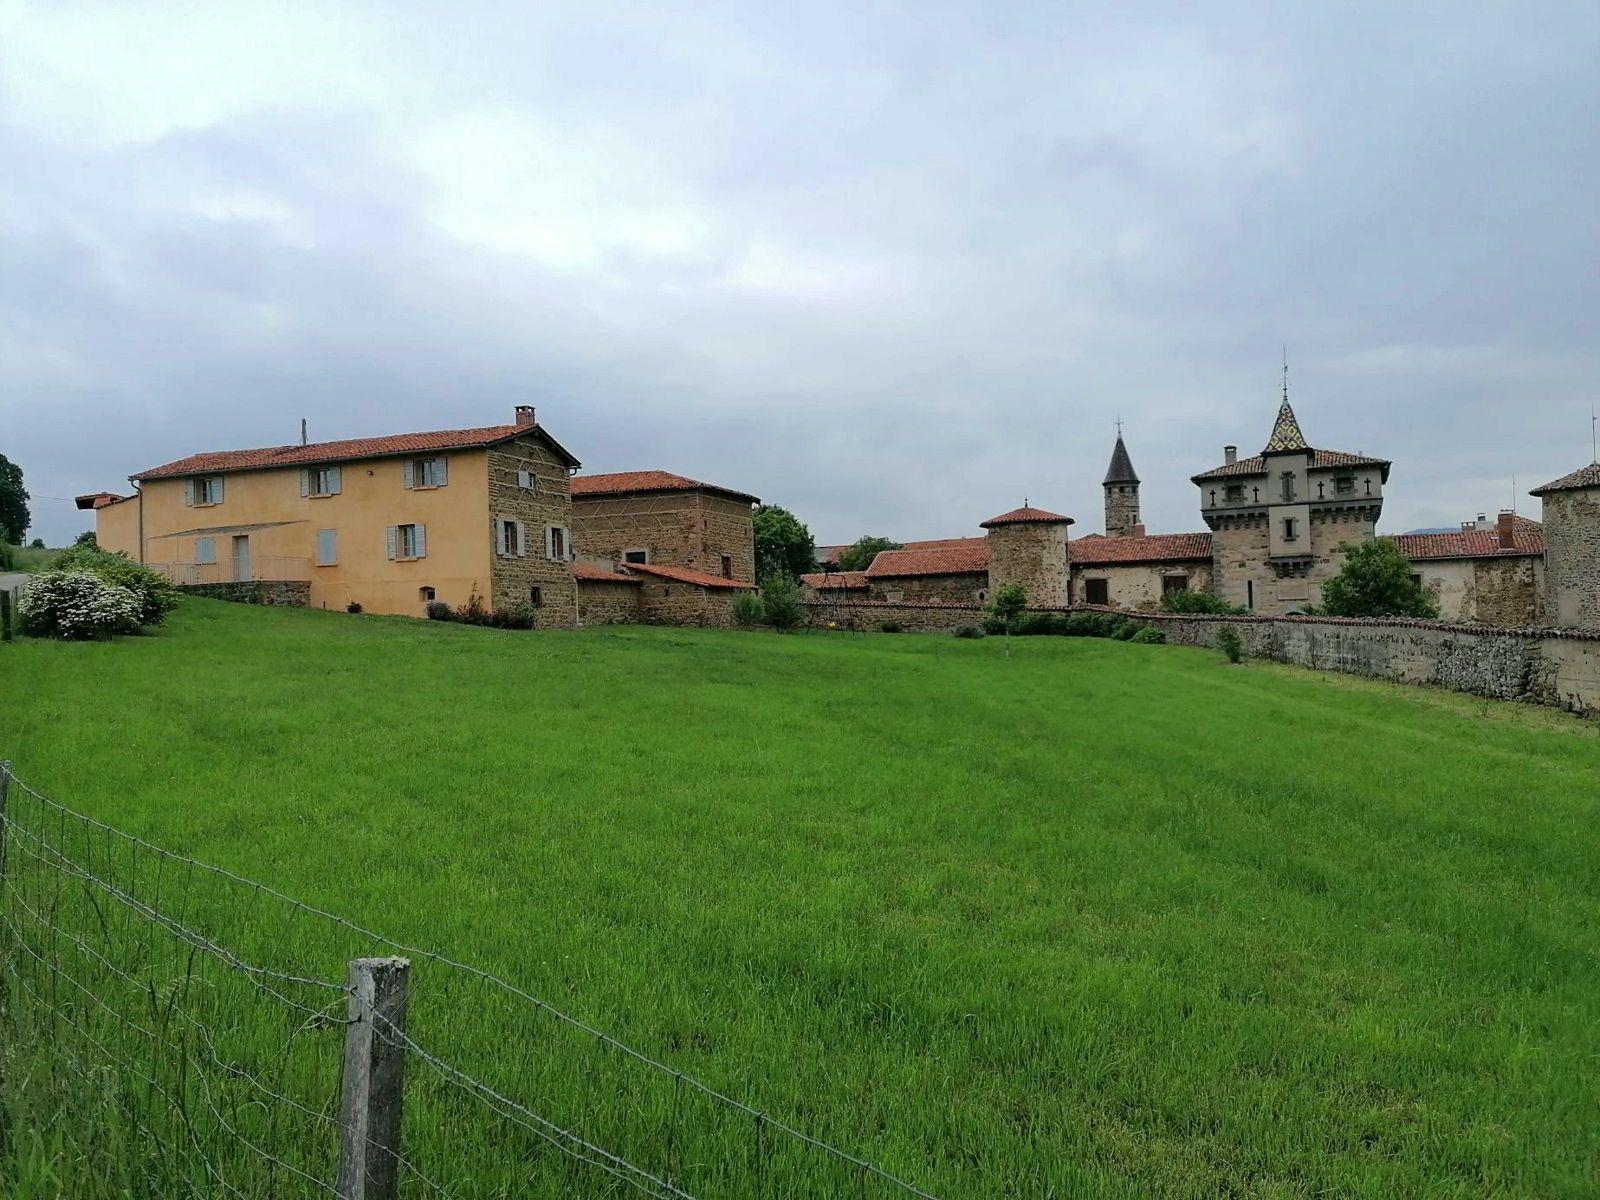 Loue gîte de la ferme du château de Saconay, Pomeys (69) - 5chambres, 12couchages